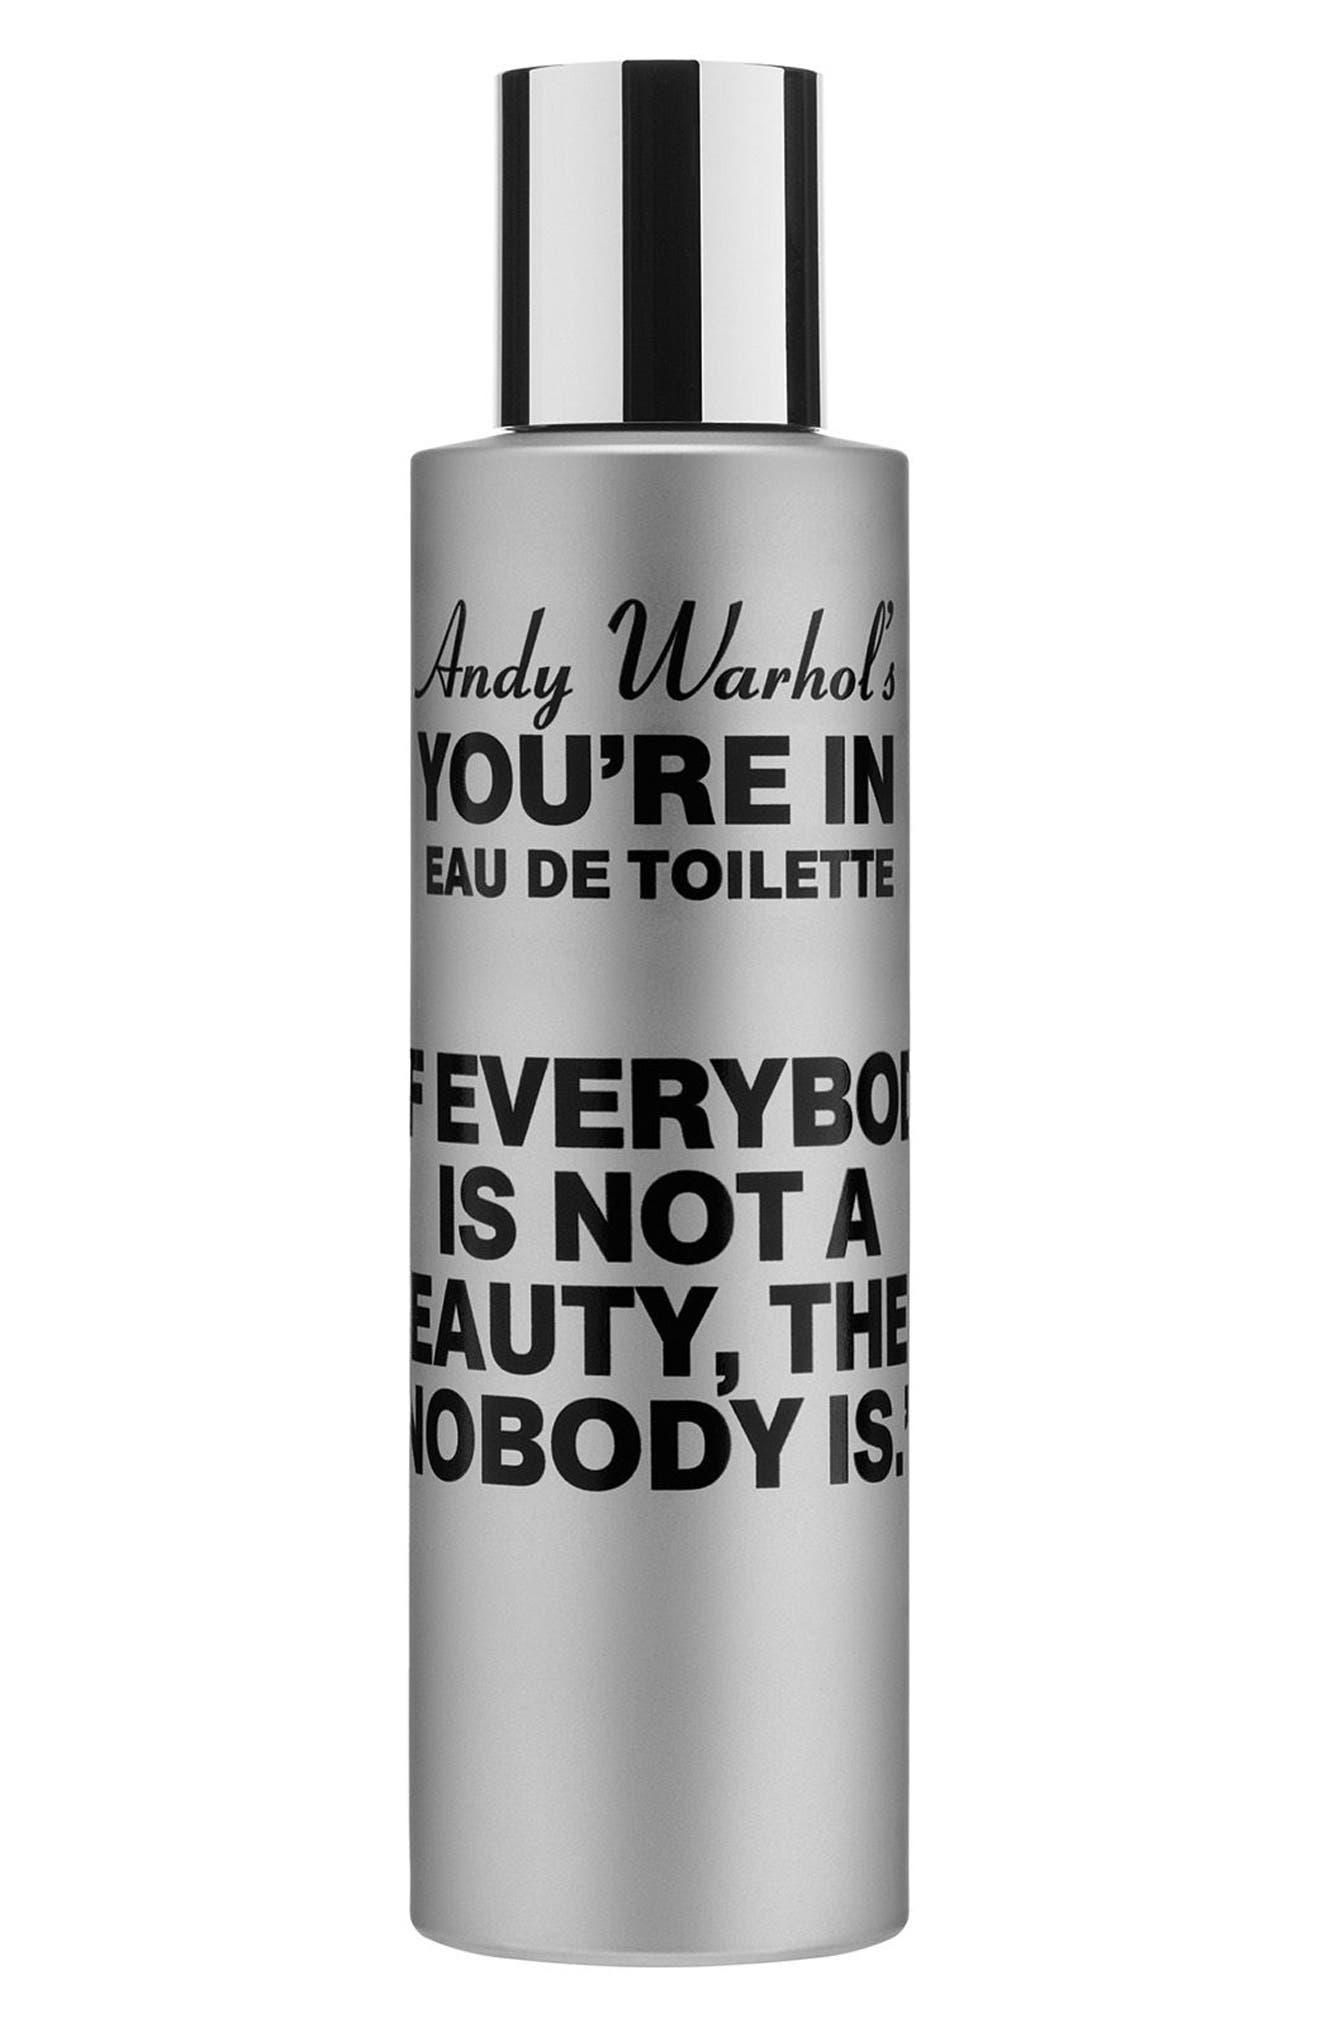 Alternate Image 1 Selected - Comme des Garçons Andy Warhol You're In Unisex Eau de Toilette